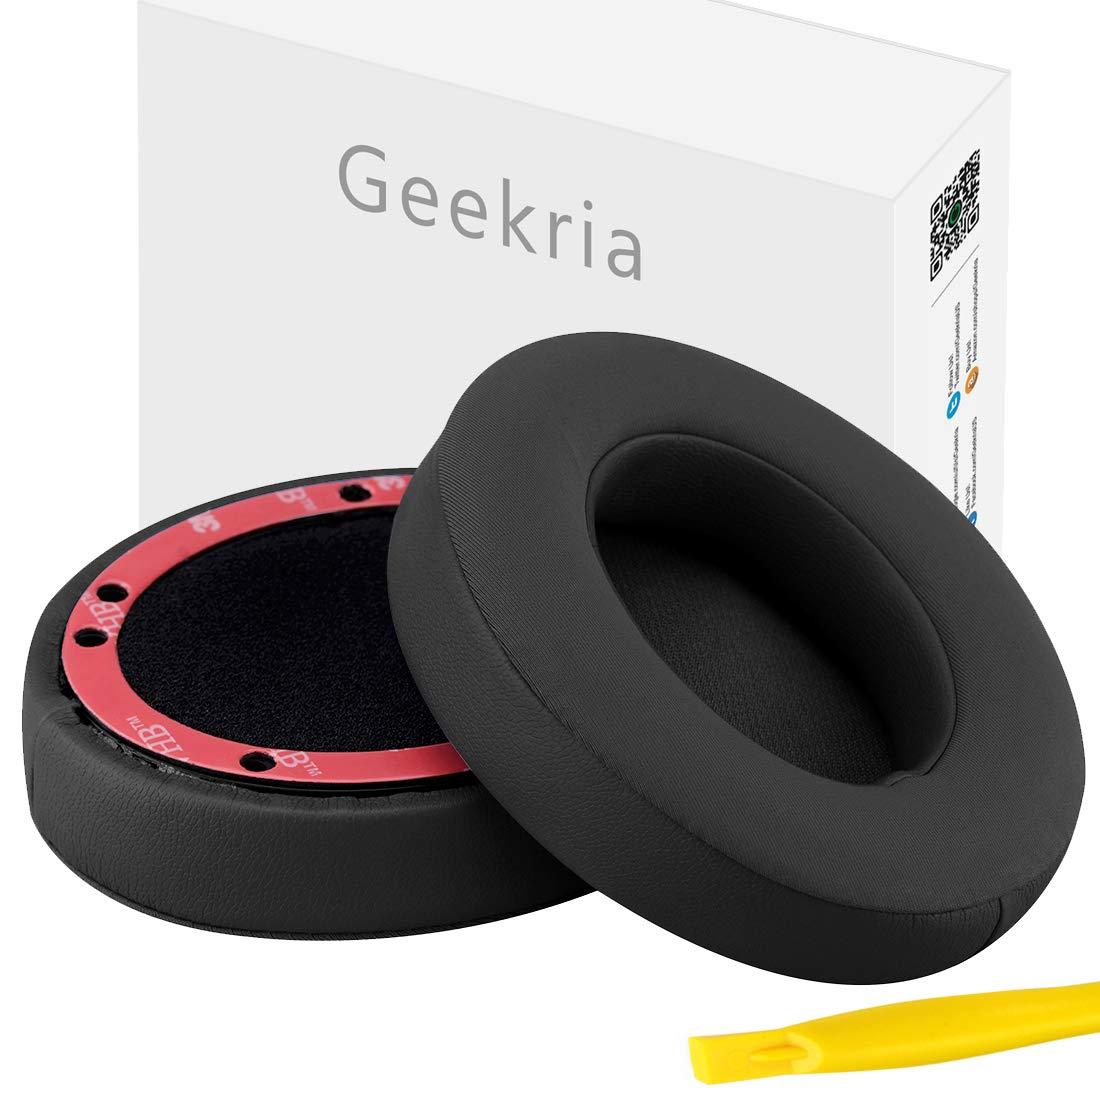 Almohadillas de Gel Para Beats Studio 2.0 [Geekria-7VX3S692]